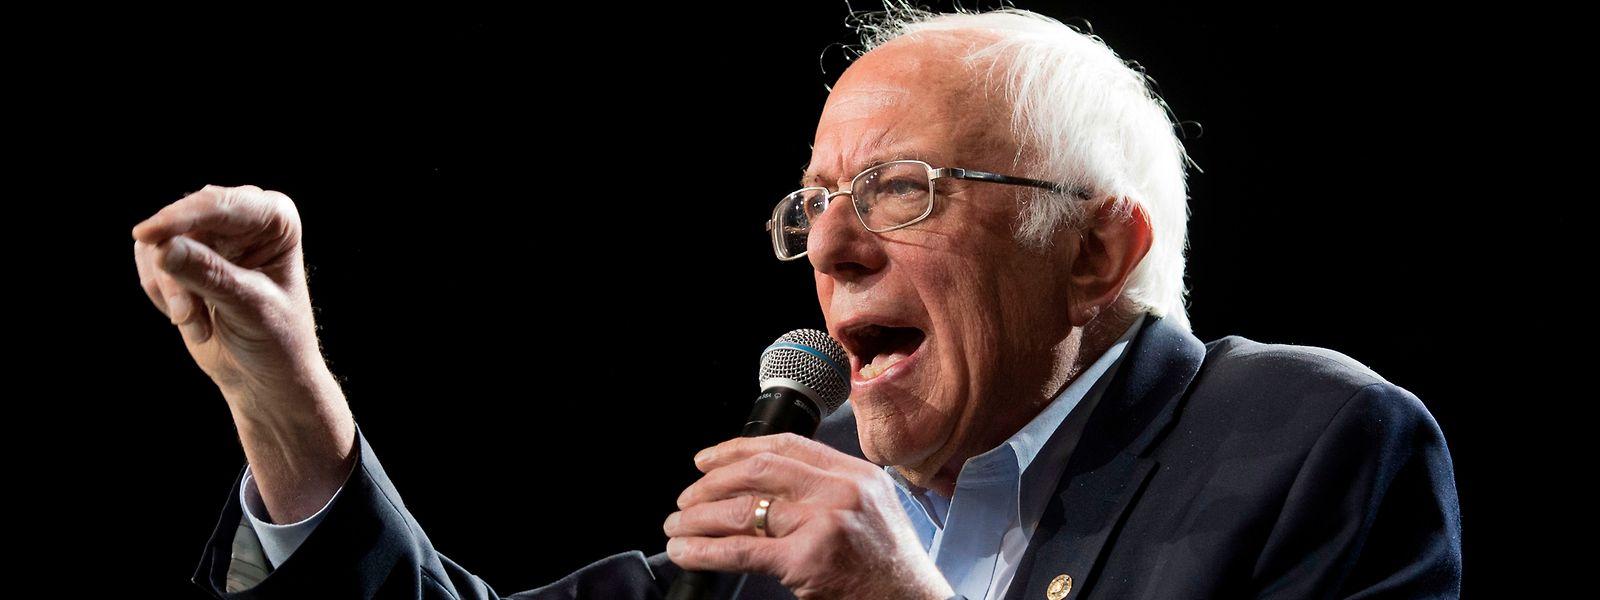 L'abandon de Bernie Sanders représente un tournant dans l'élection présidentielle américaine de novembre